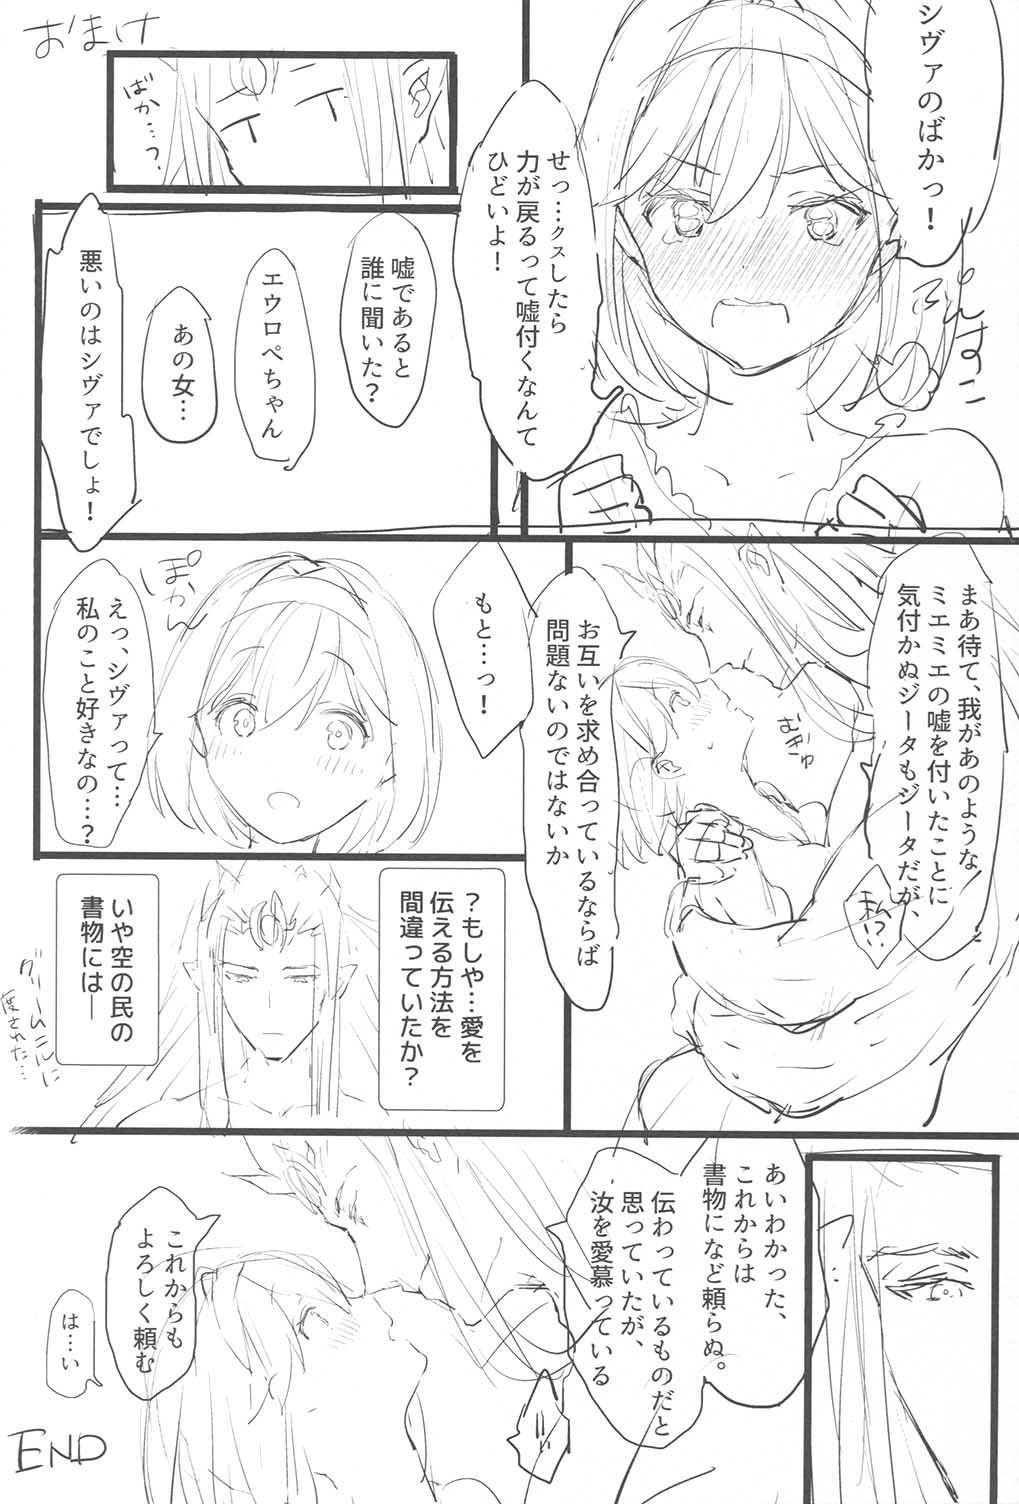 Koyoi, Watashi no Hajimete o Anata ni Sasagemasu 30